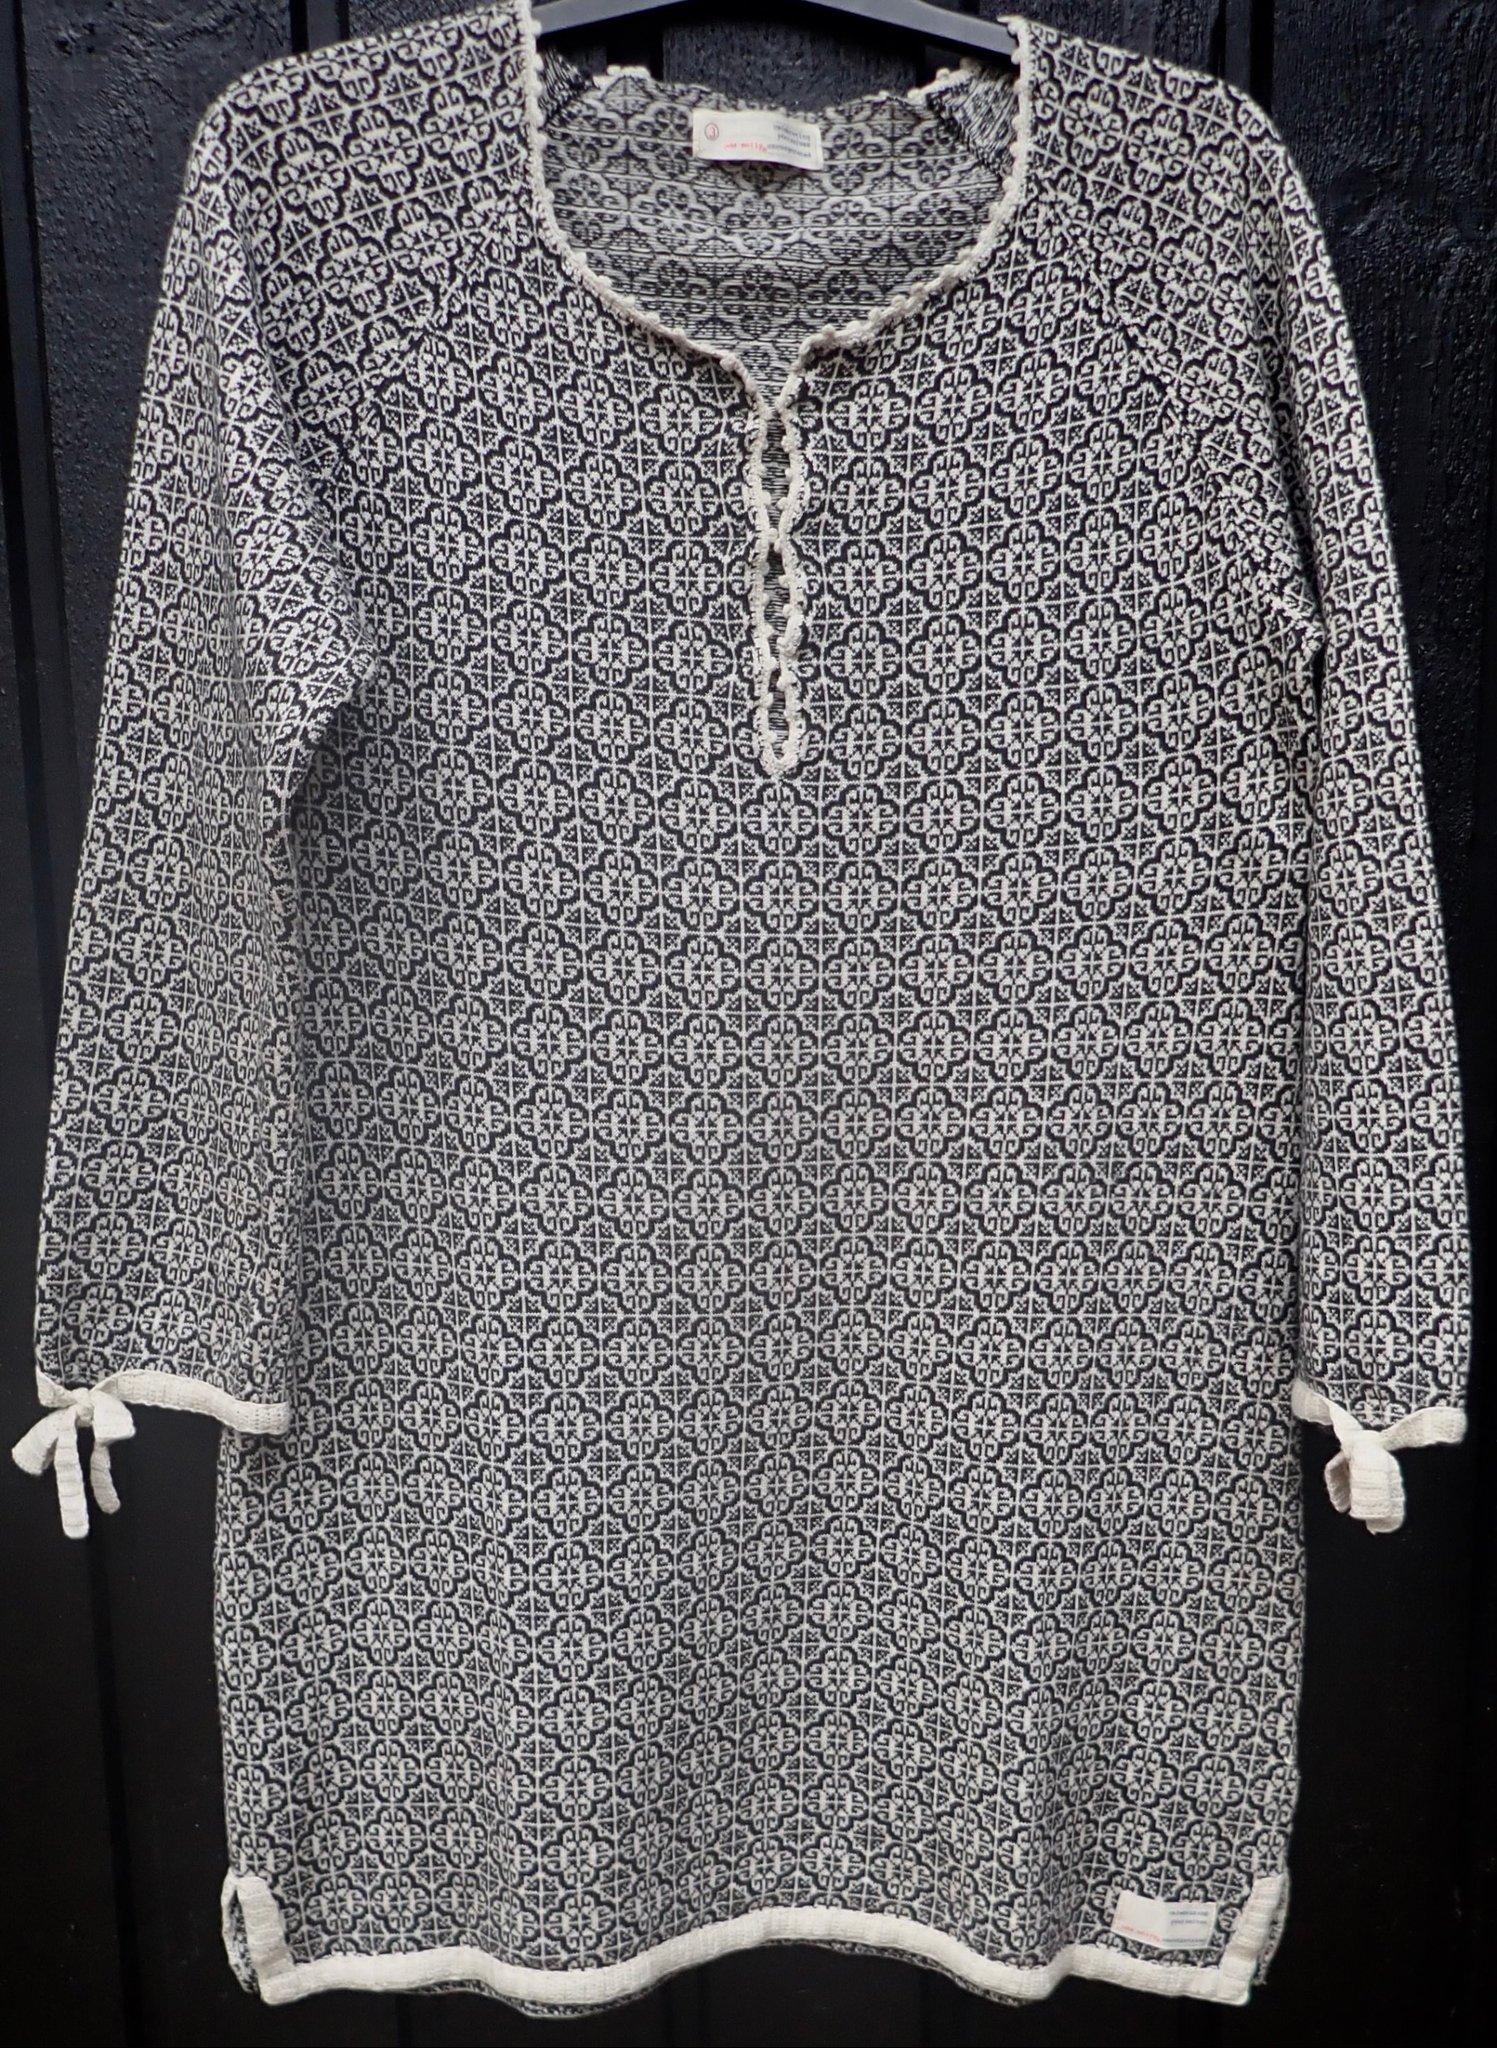 Urläcker mörkgråsvart & benvit stickad tröjatunika från Odd Molly, st. 3.